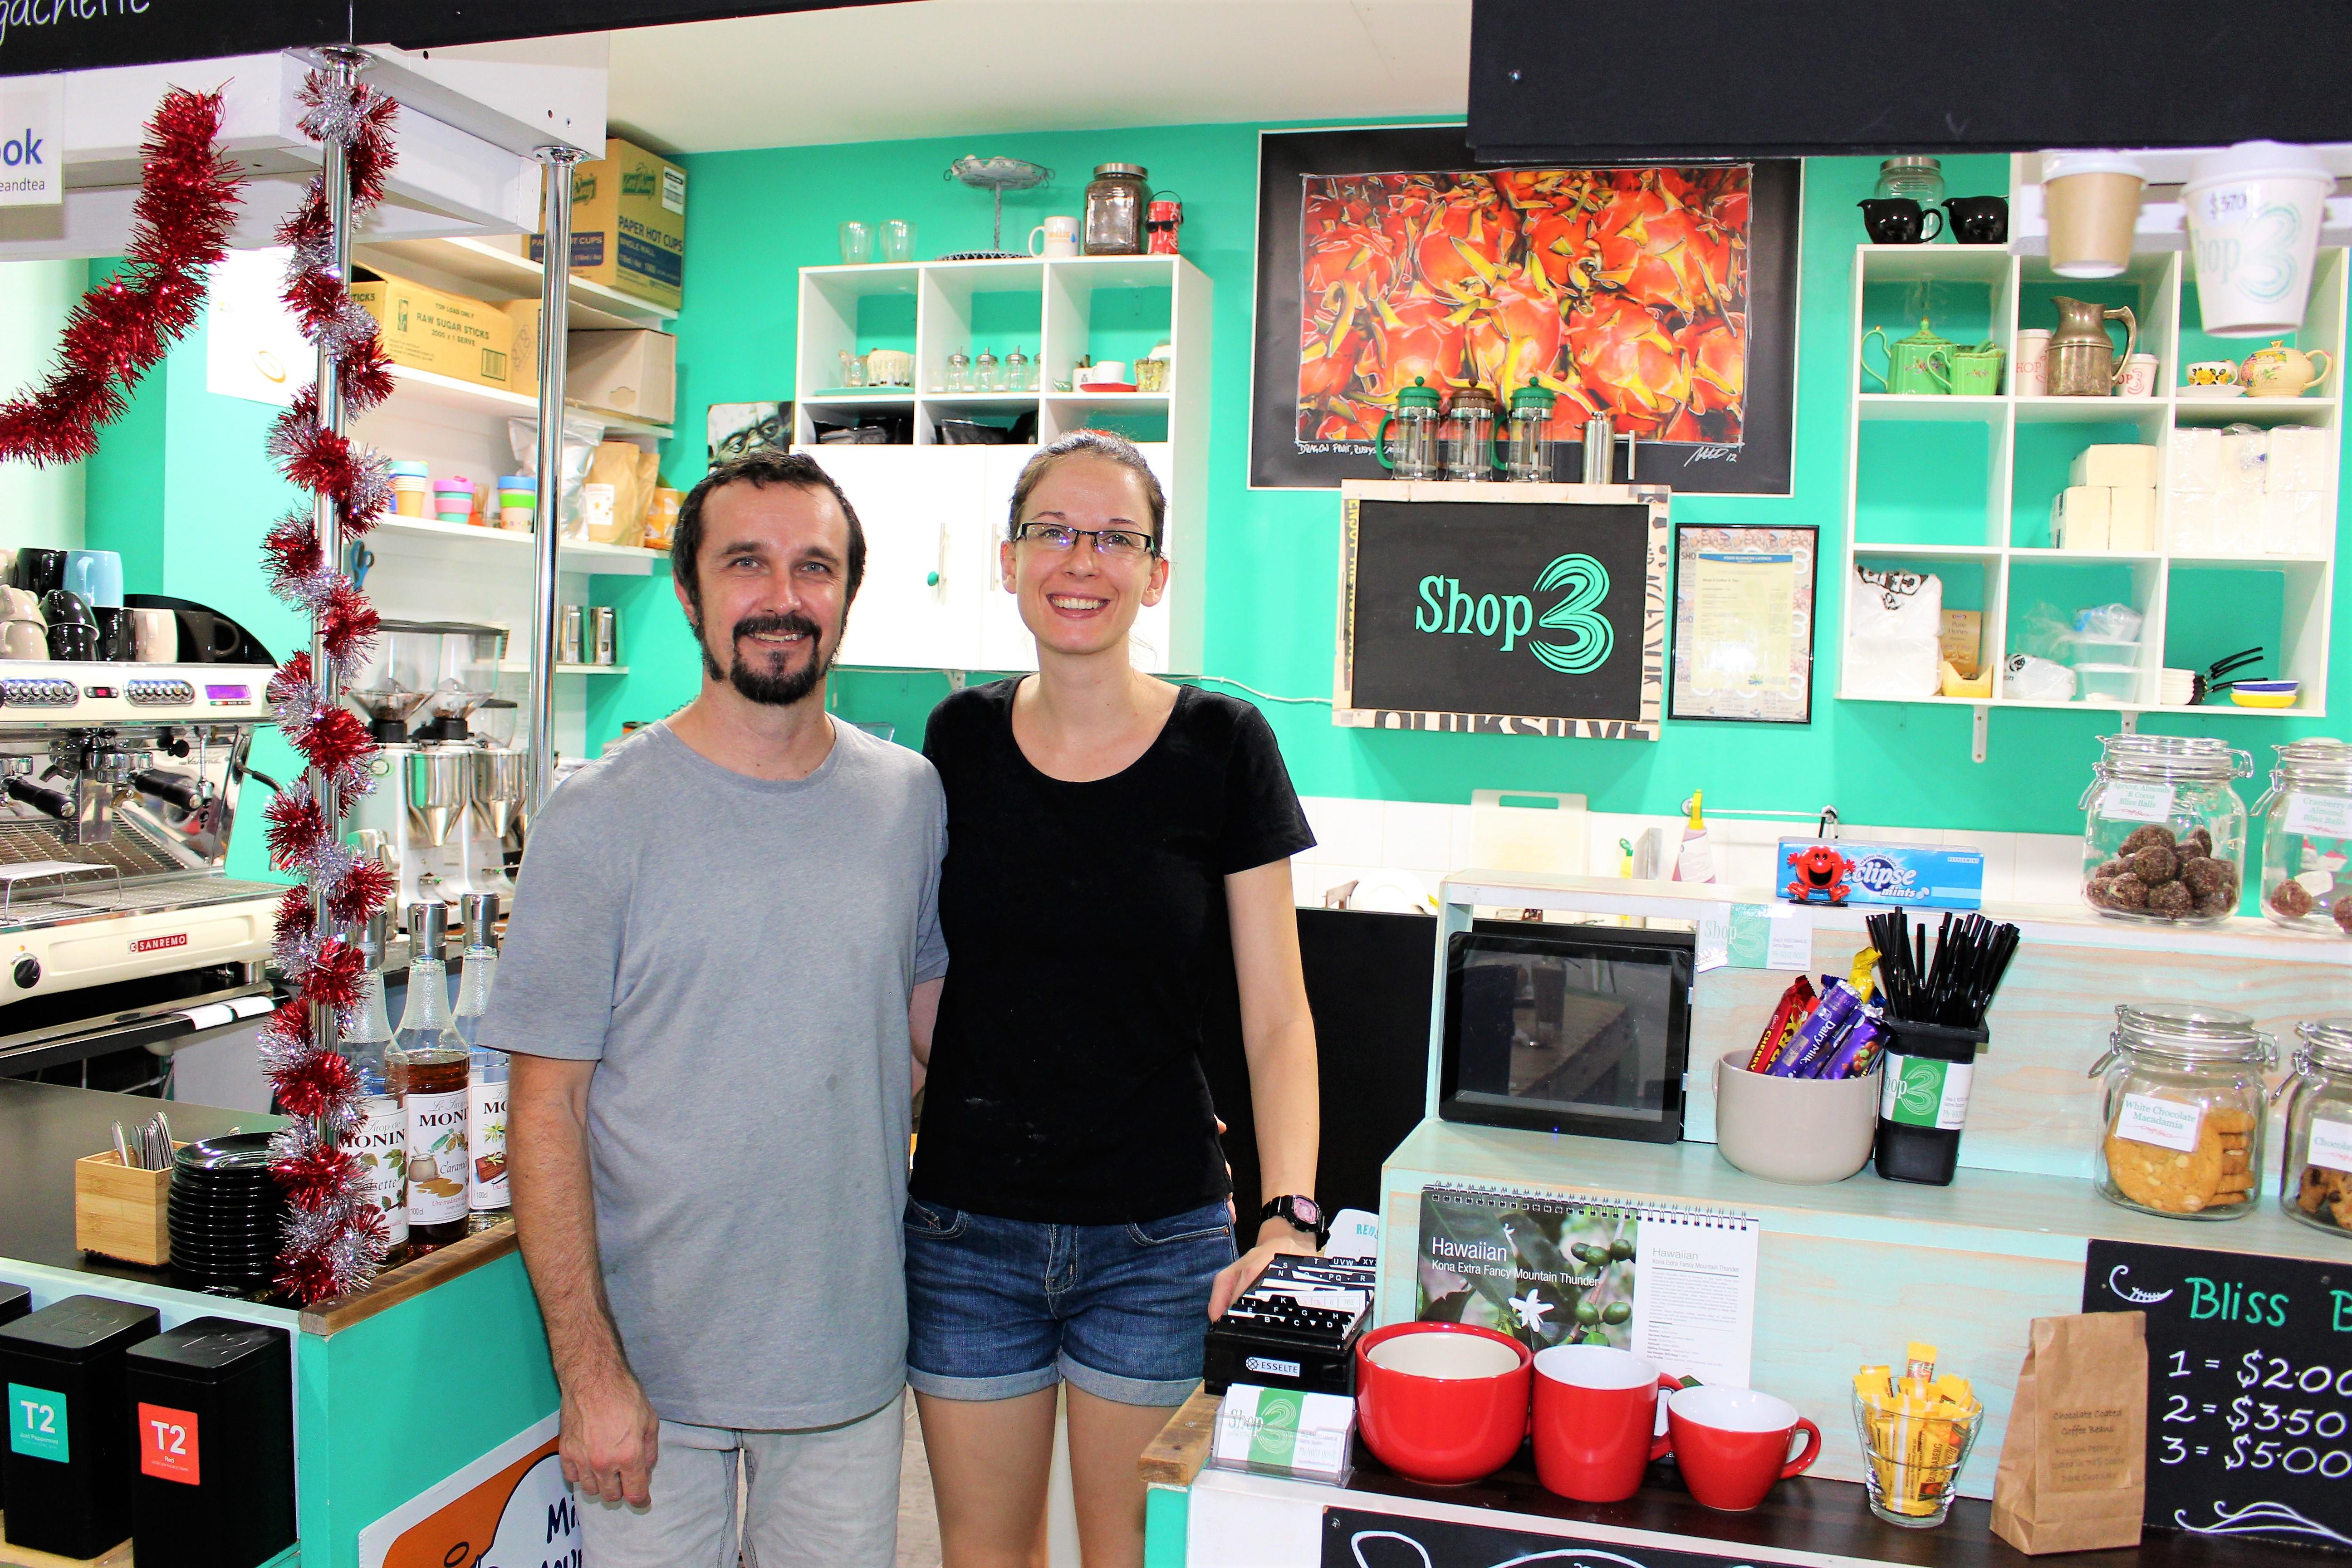 <p>SHOP3のオーナー夫婦、ChrisさんとSonjaさん</p>